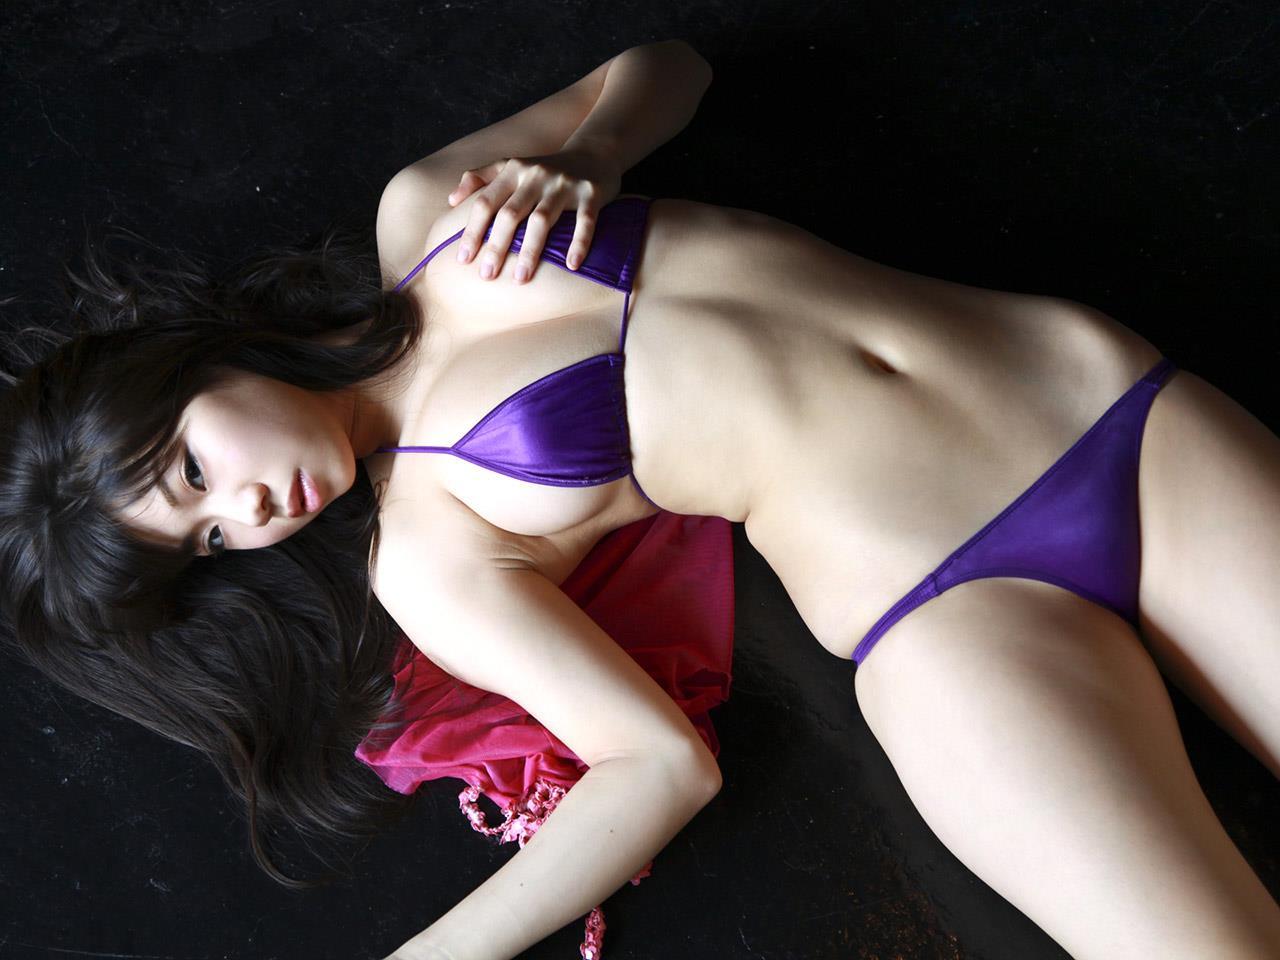 鈴木ふみ奈 エロ画像 43